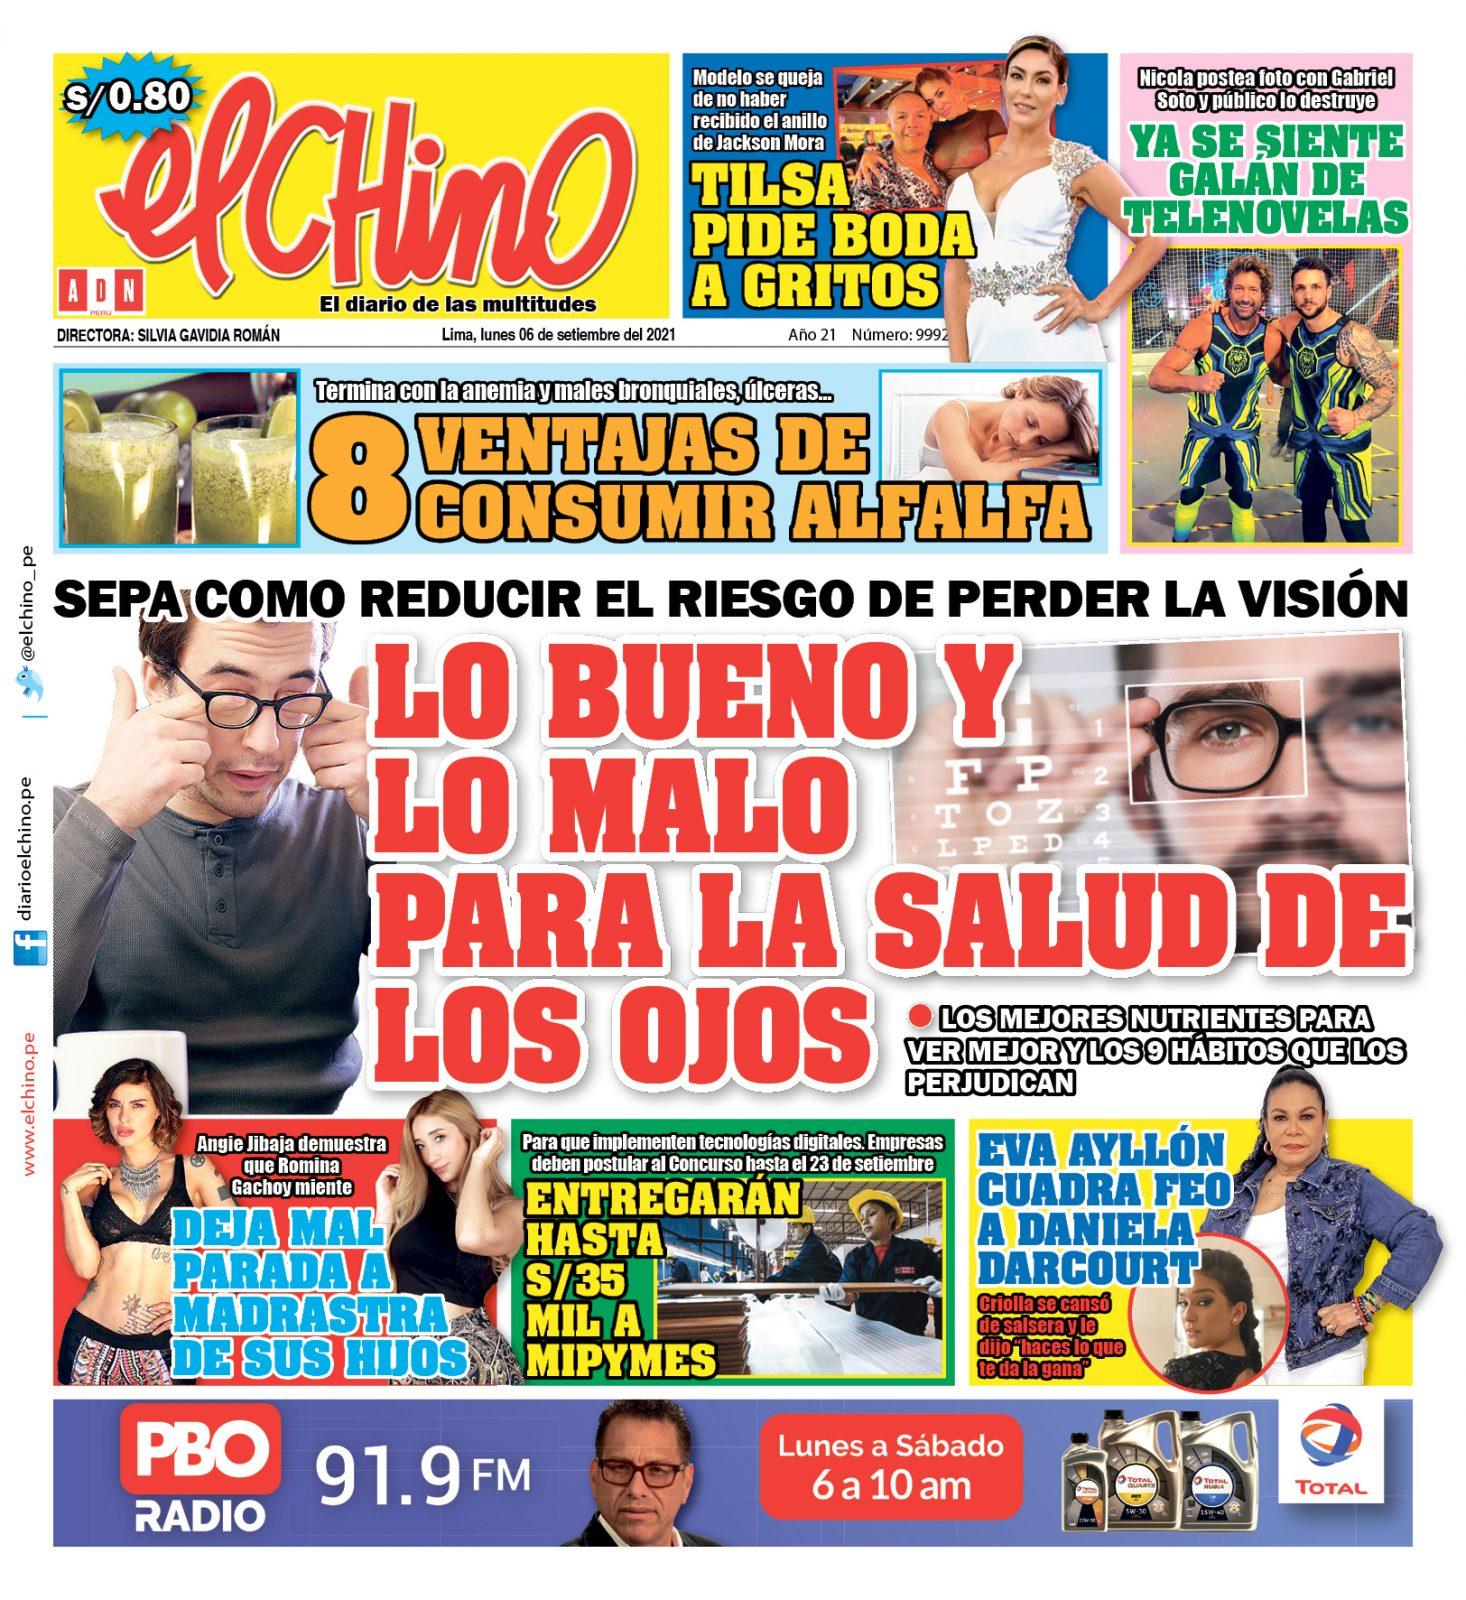 Portada impresa – Diario El Chino (06/09/2021)